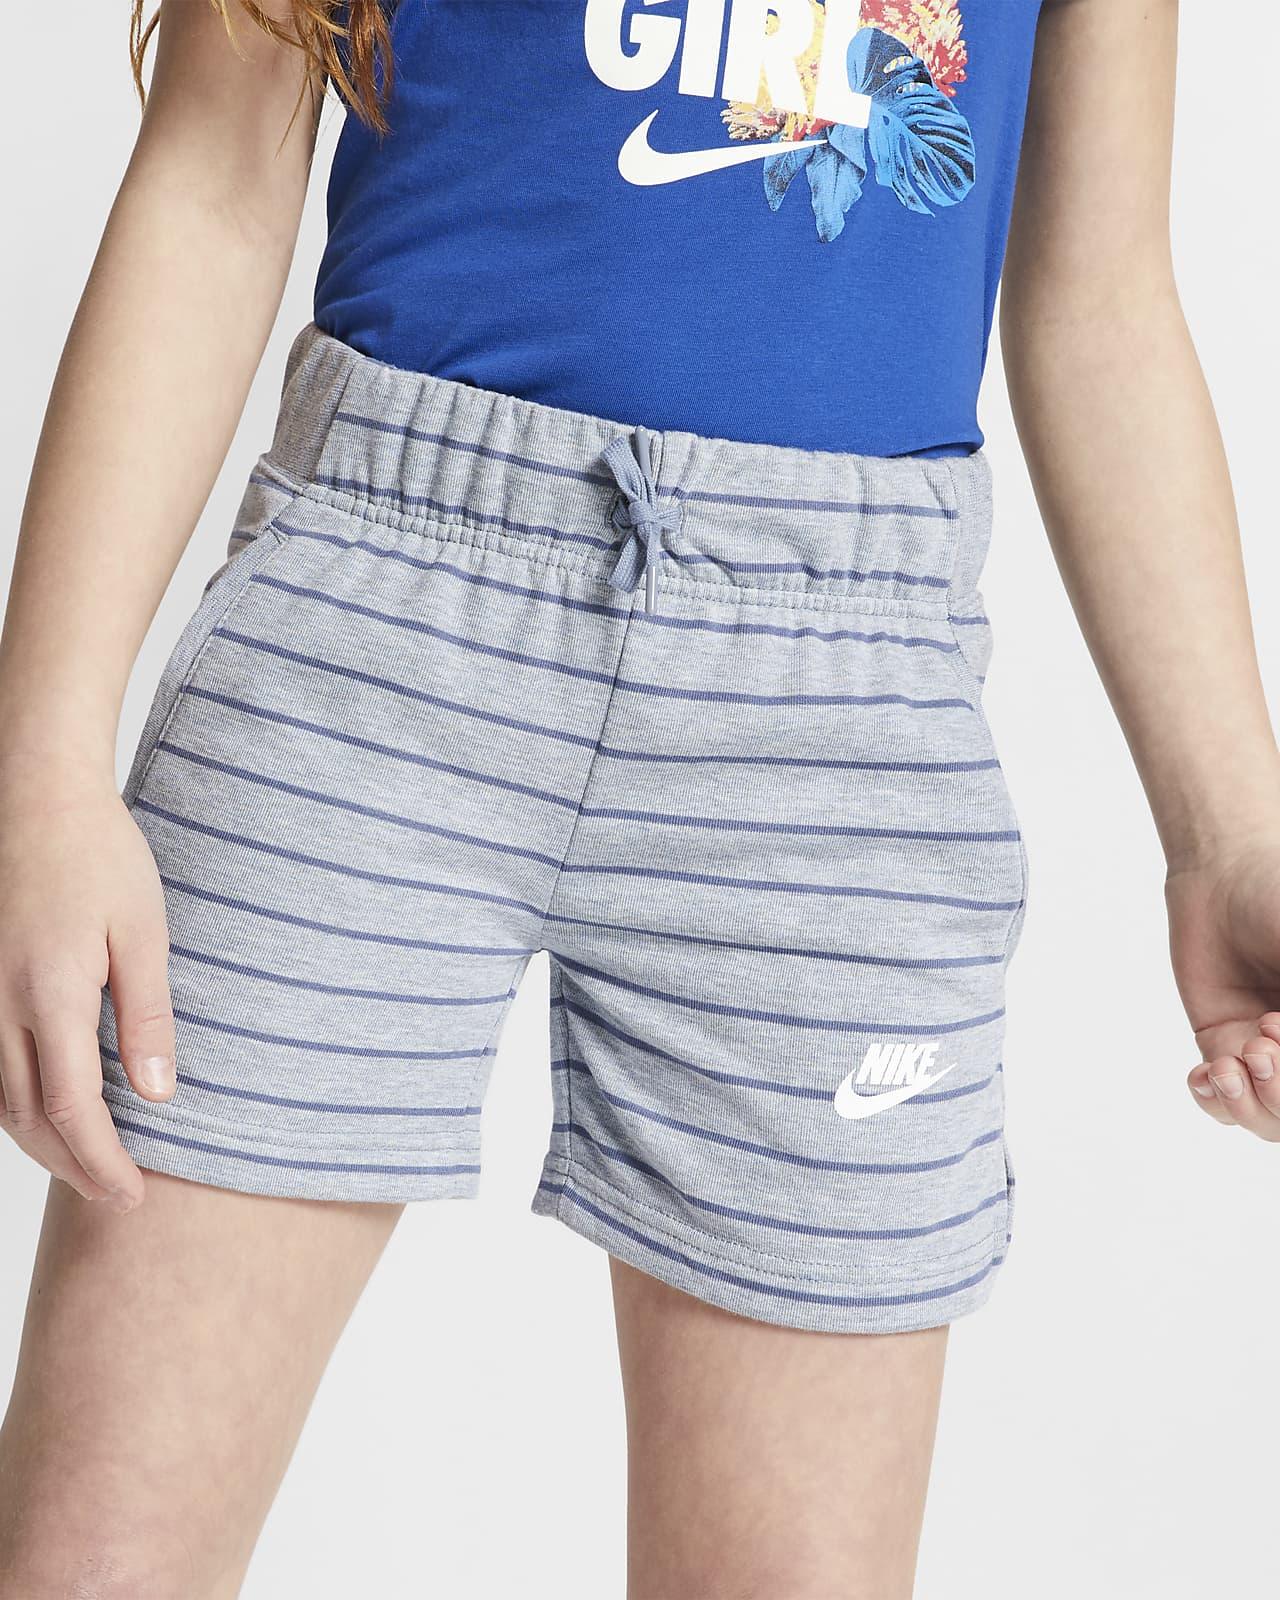 Nike Sportswear 大童(女孩)短裤